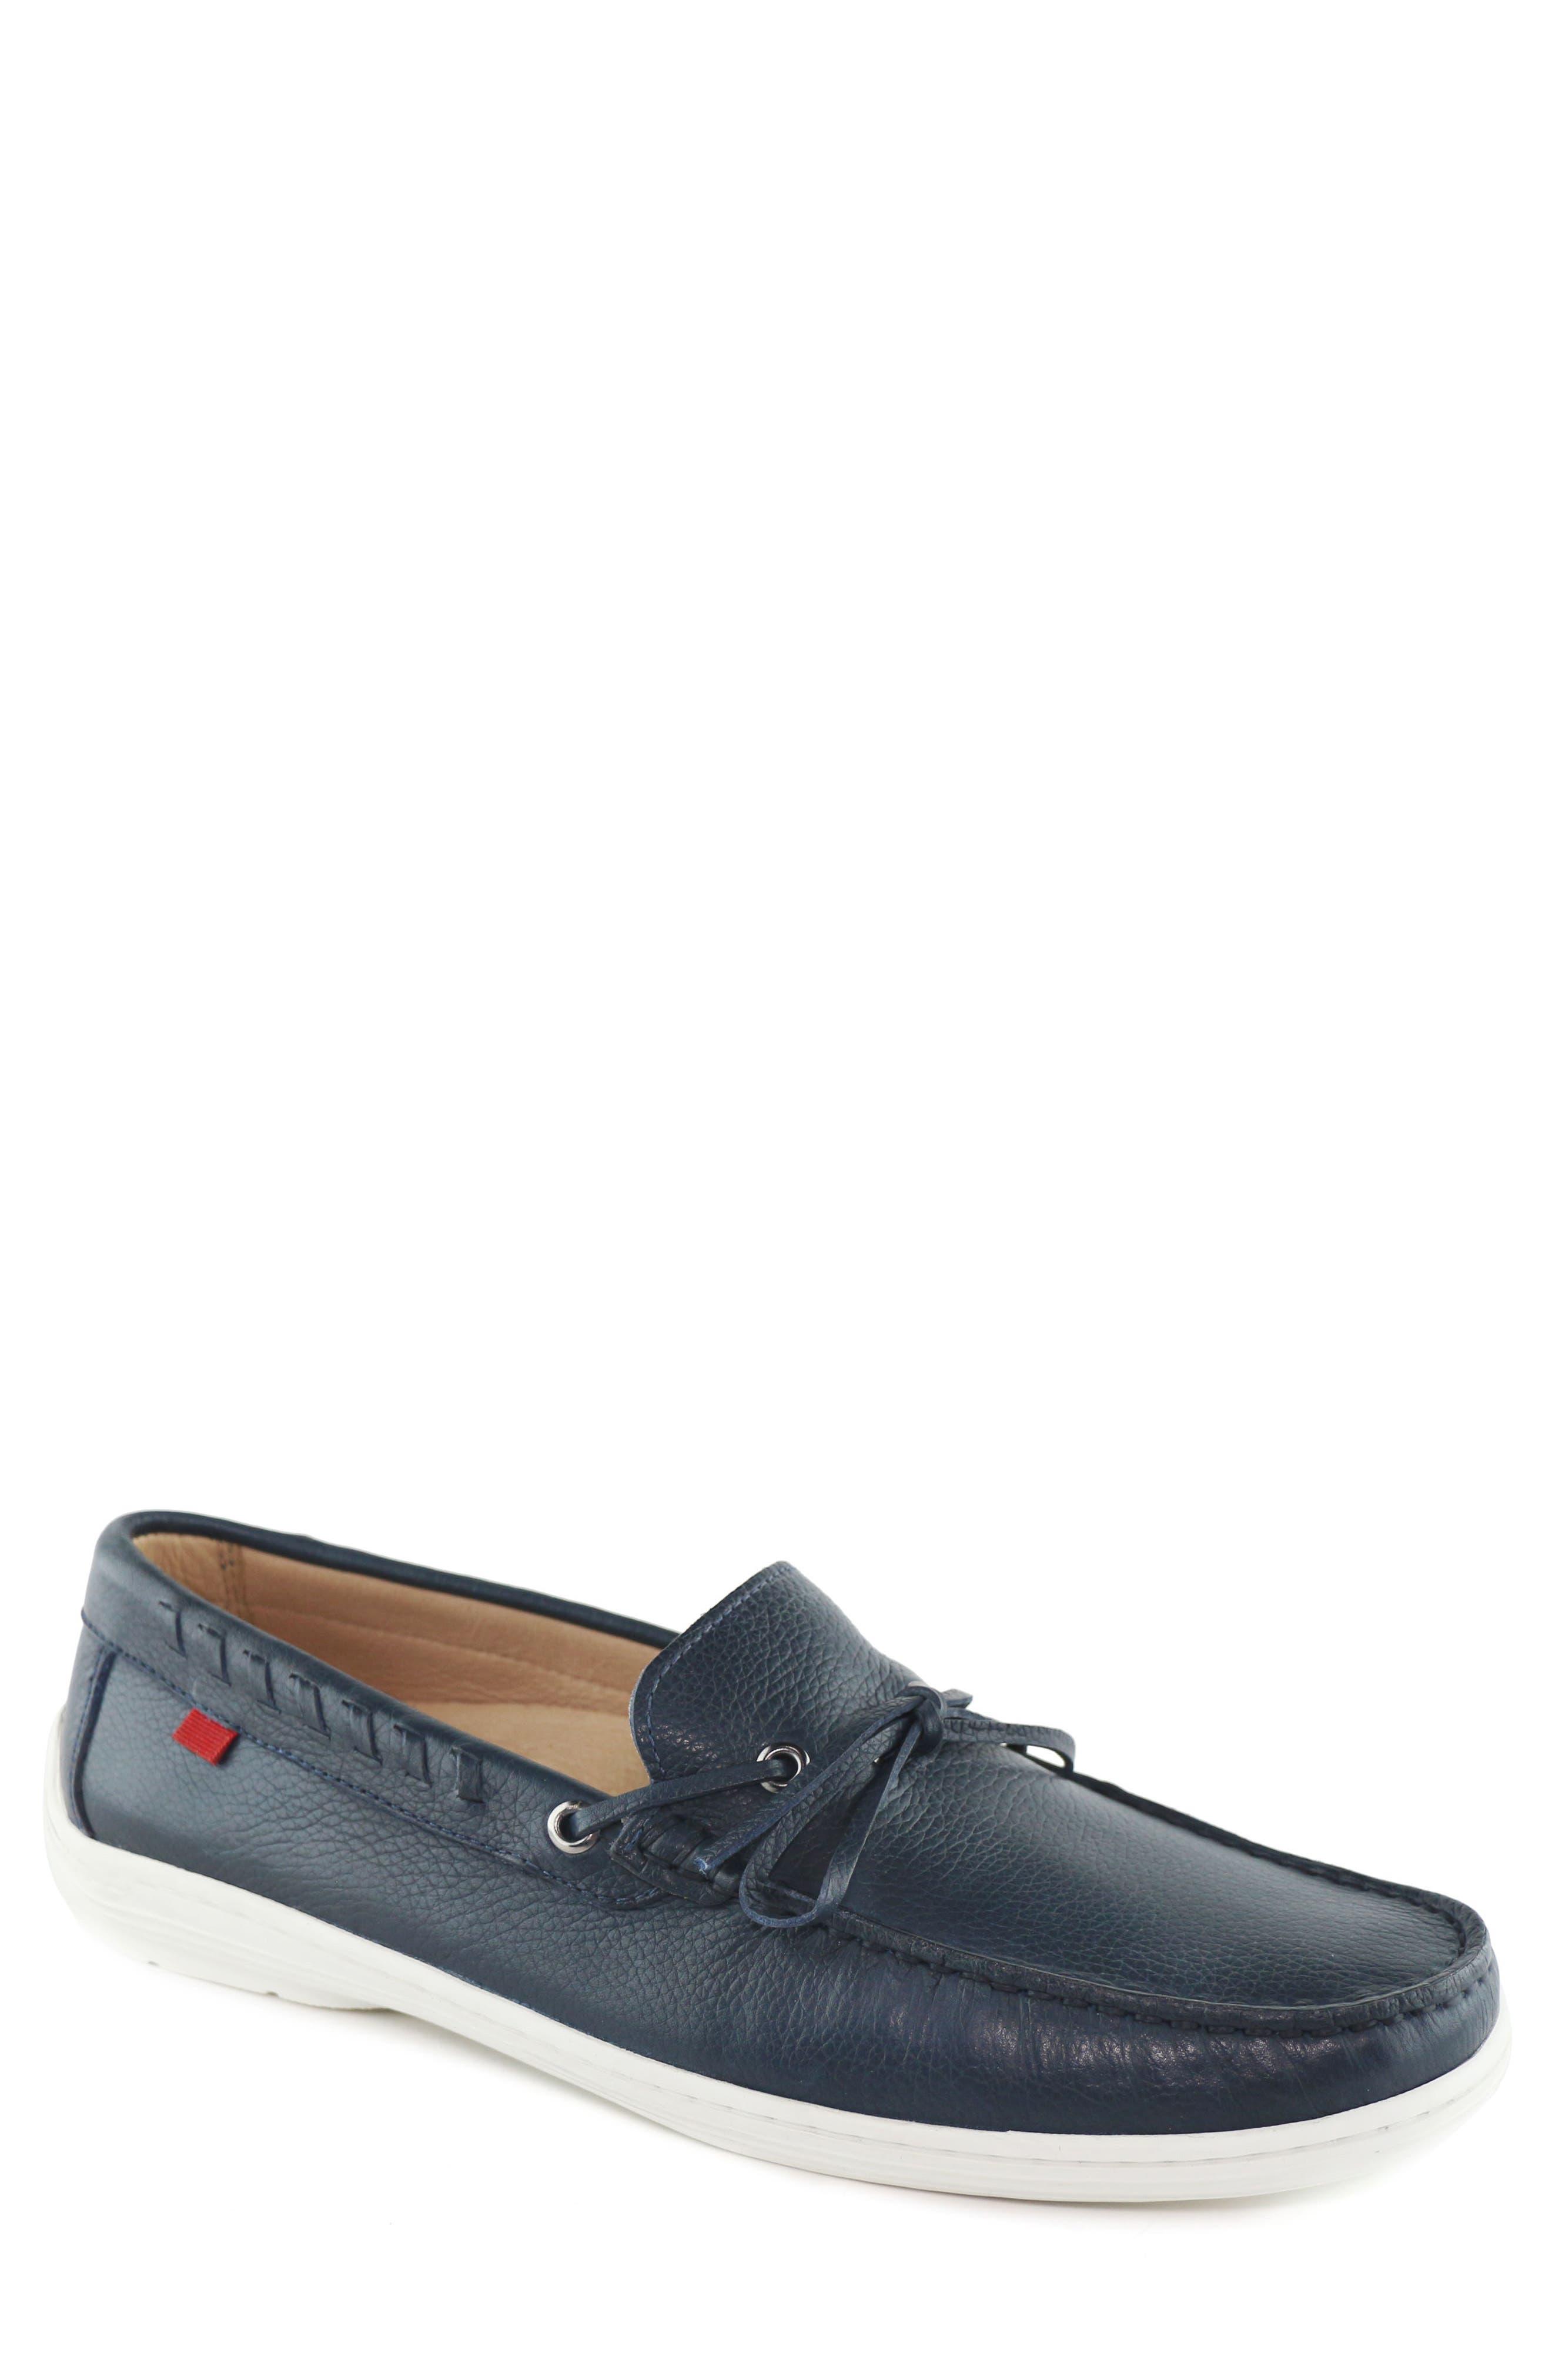 Marc Joseph New York Hudson Boat Shoe (Men)